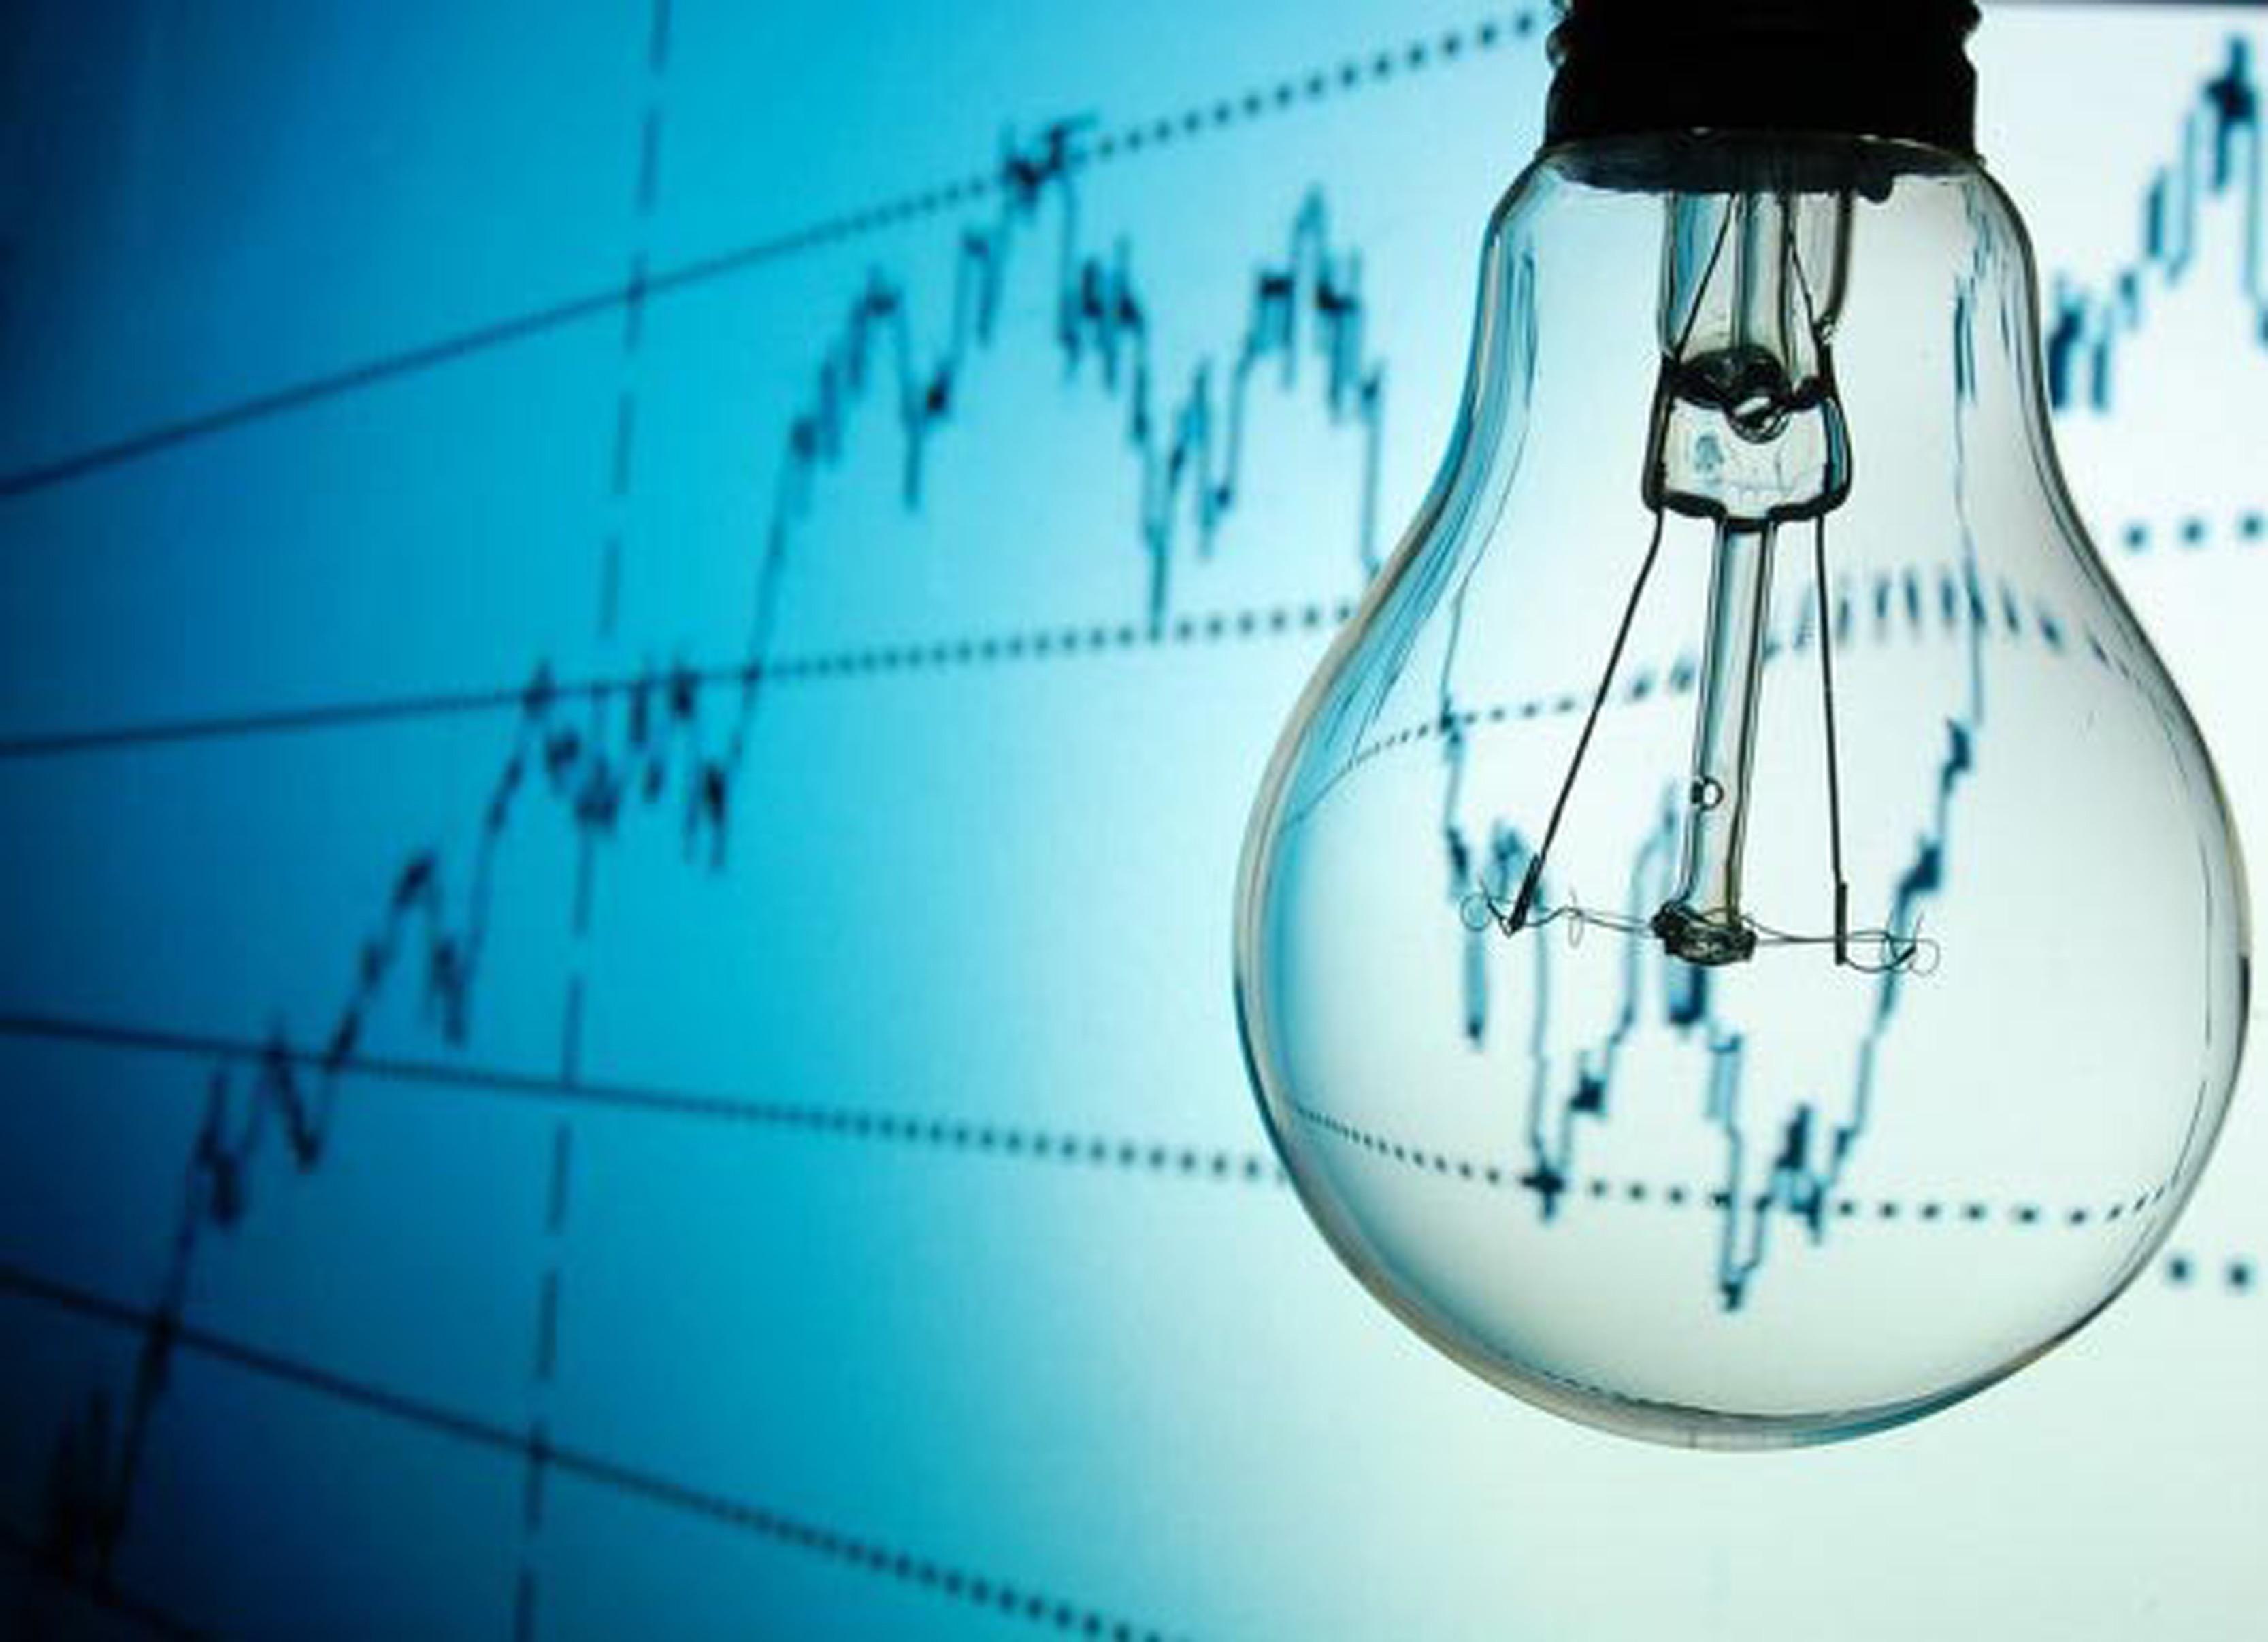 СНТ Метростроевец – Ведомость потребления электроэнергии.